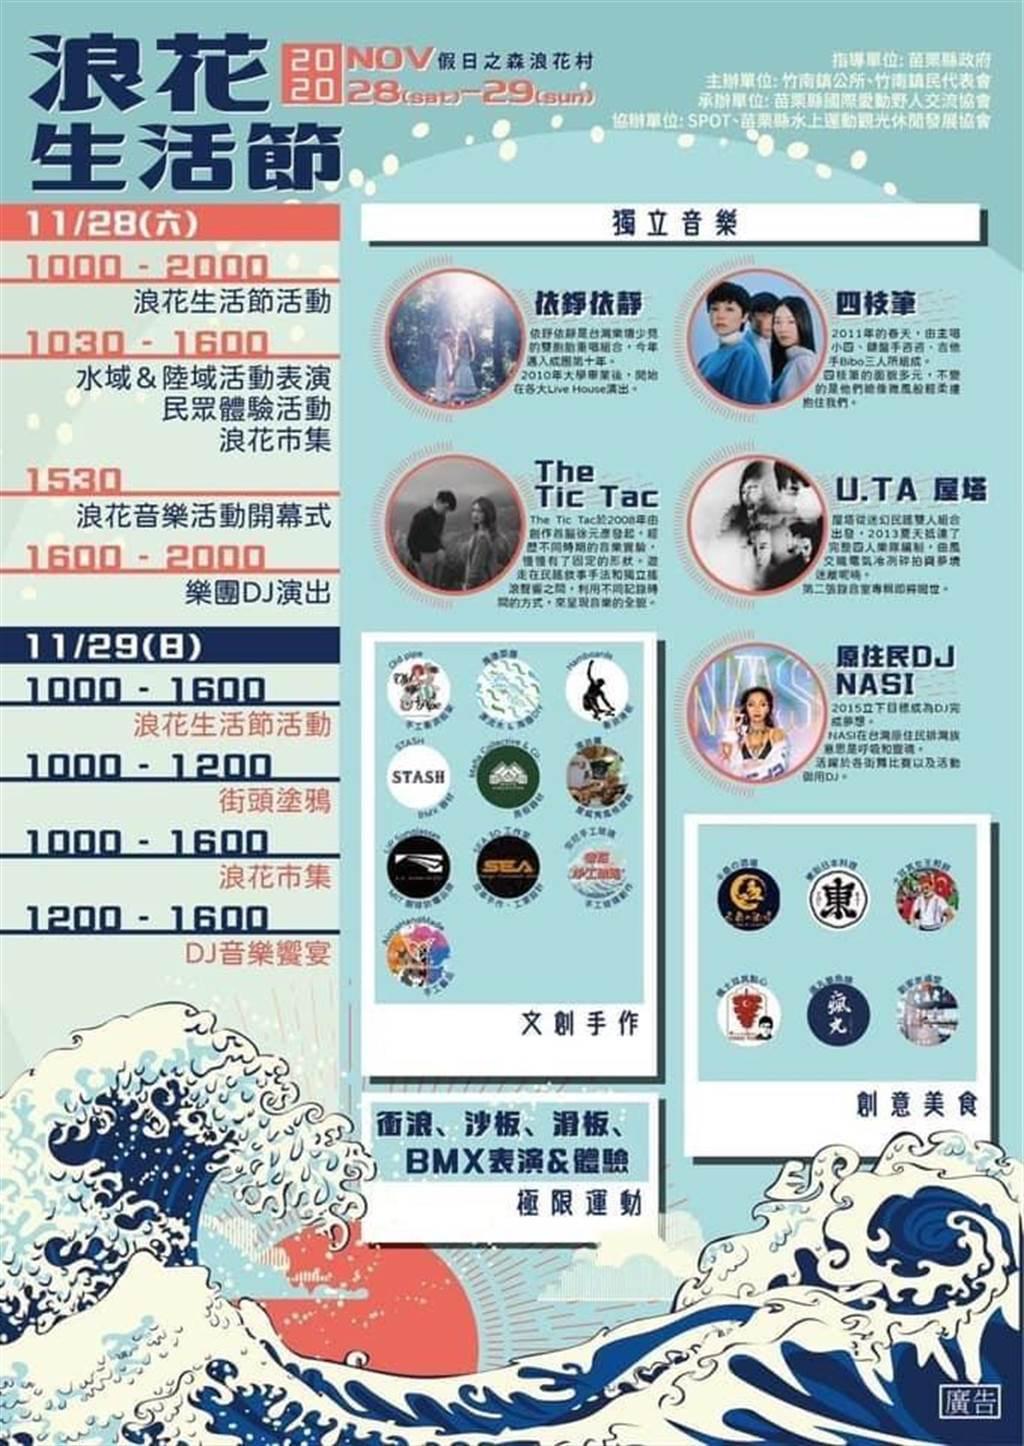 竹南鎮公所將在28、29兩天在假日之森舉行「2020浪花生活節」。(竹南鎮公所提供/謝明俊苗栗傳真)